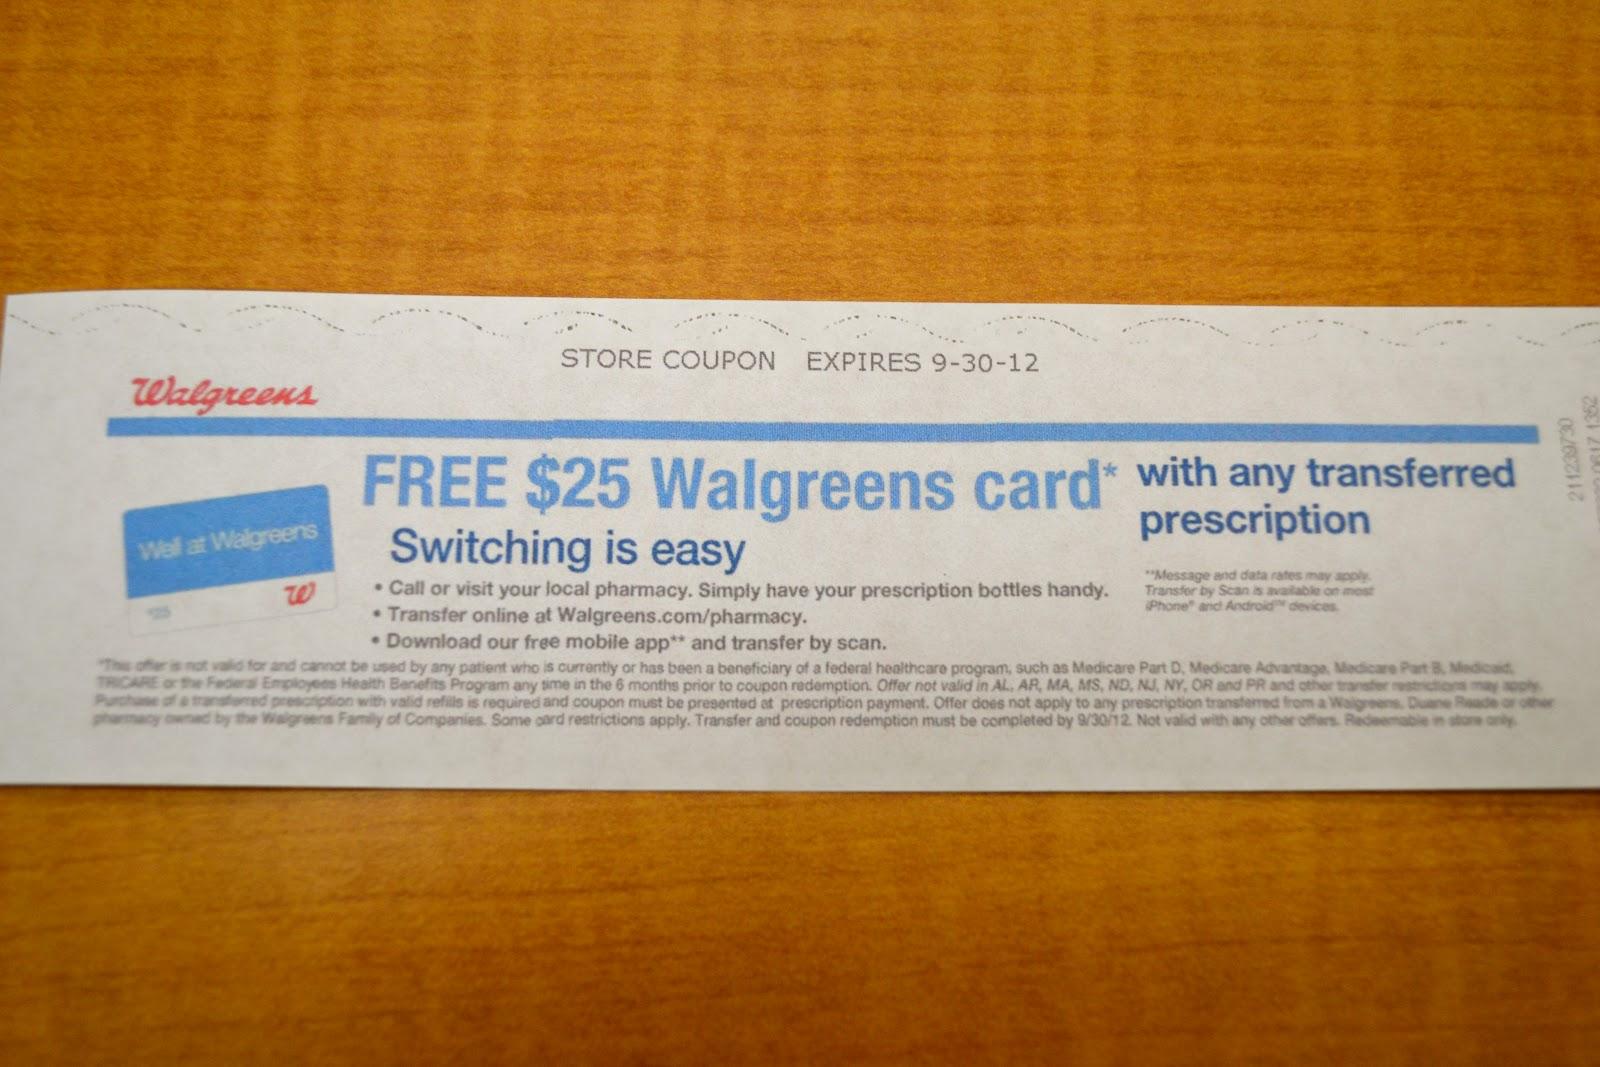 walgreens coupon - Walgreens Prescription Card